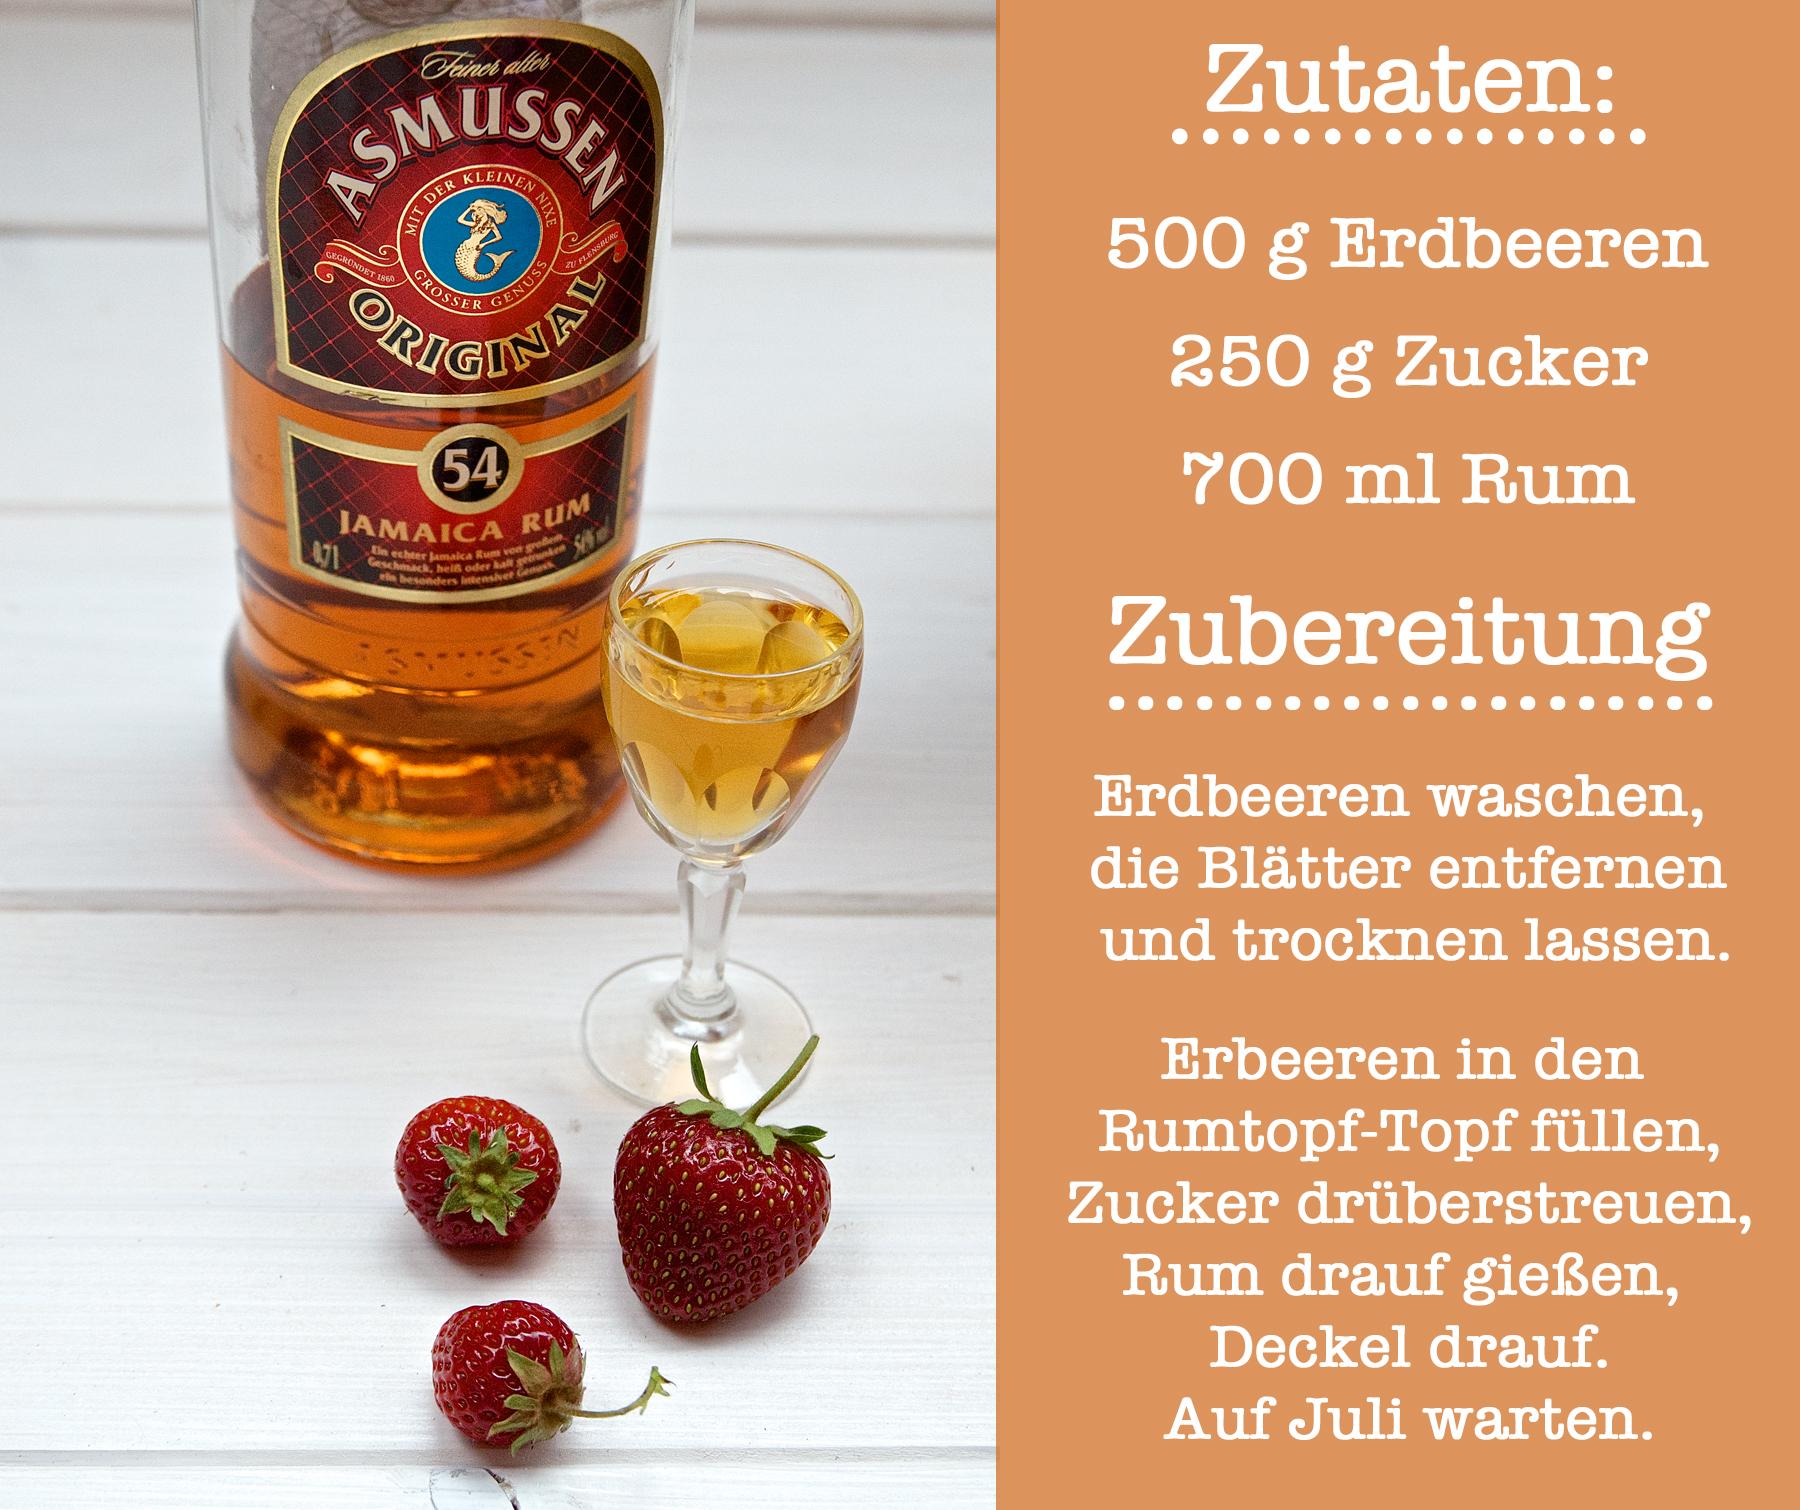 Flasche Rum, Asmussen, Schnapsglas, Erdbeeren